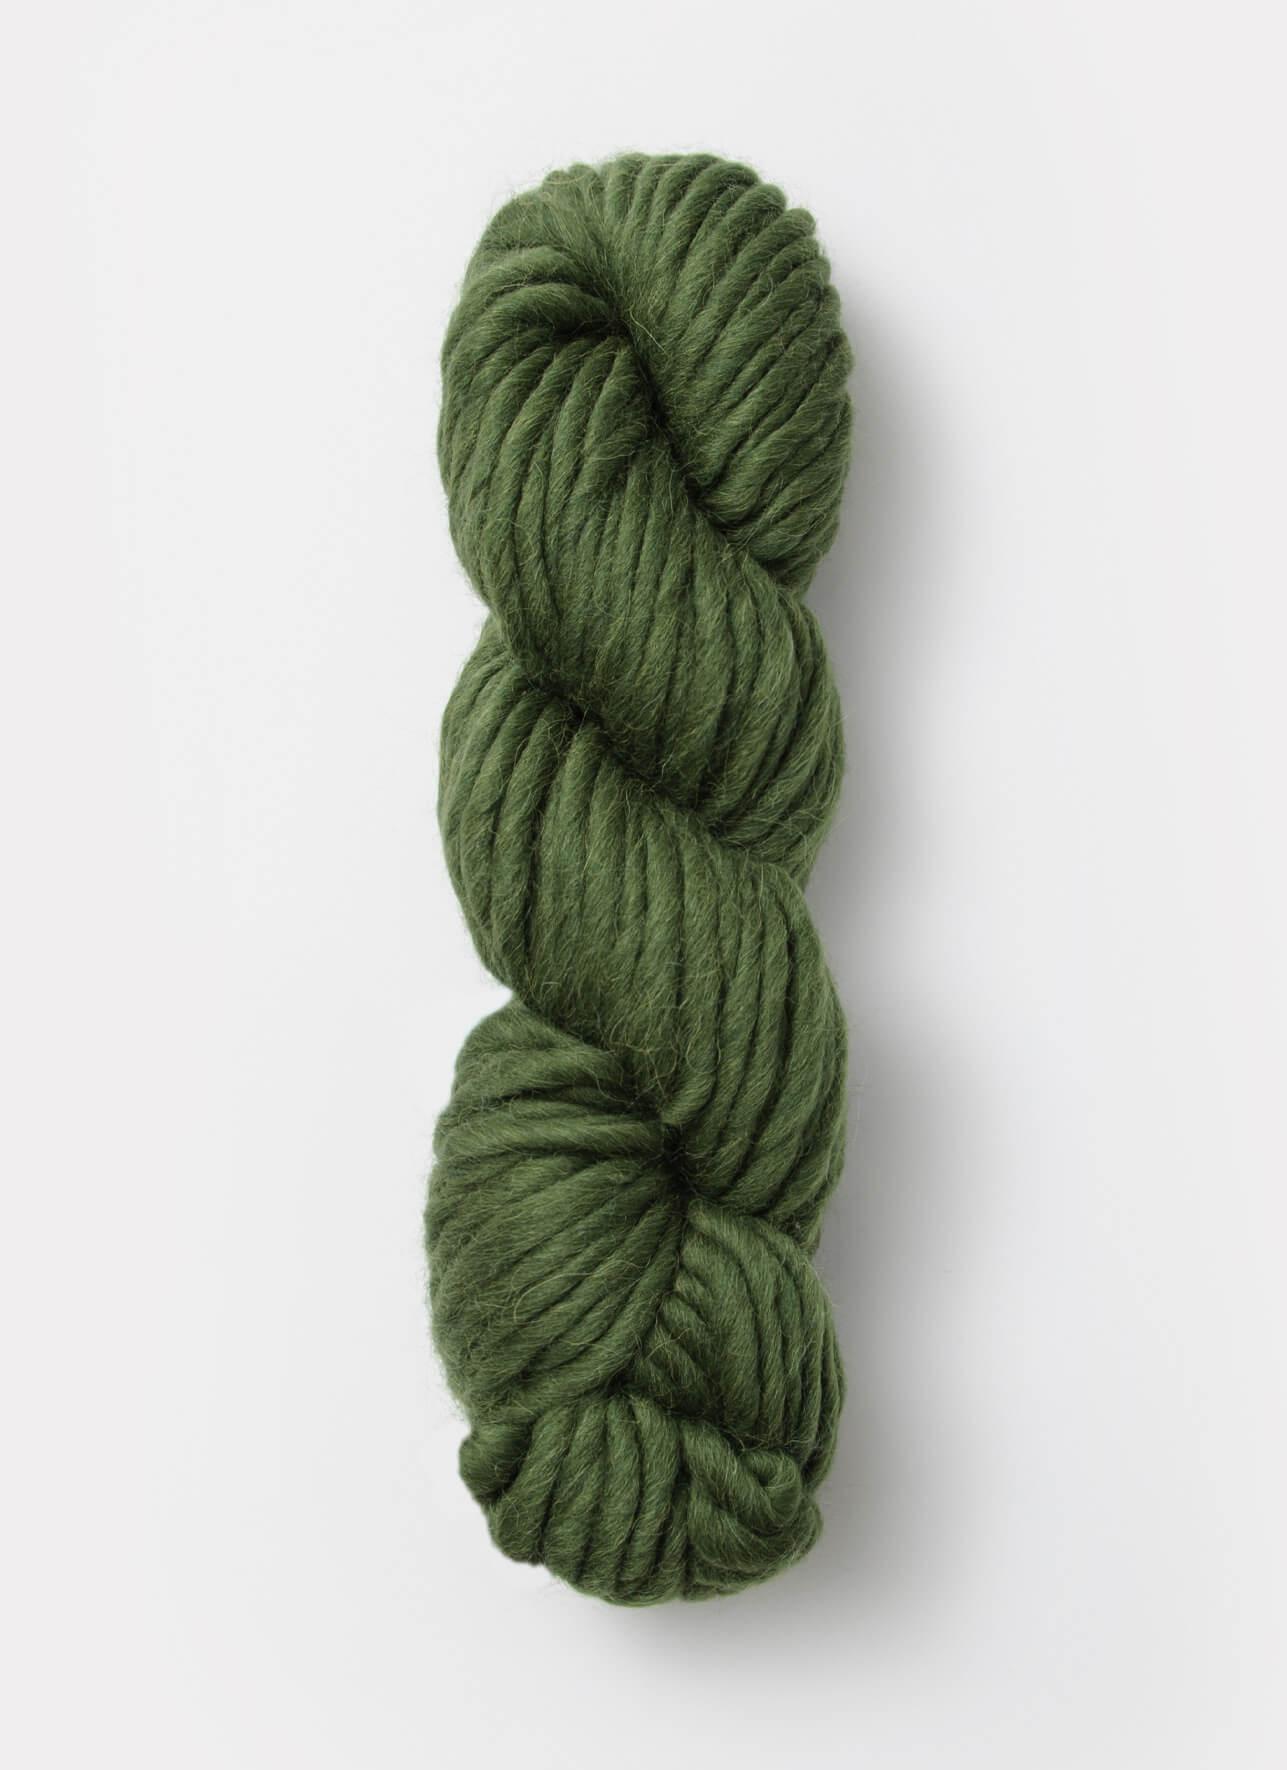 No. 1222: Seaweed